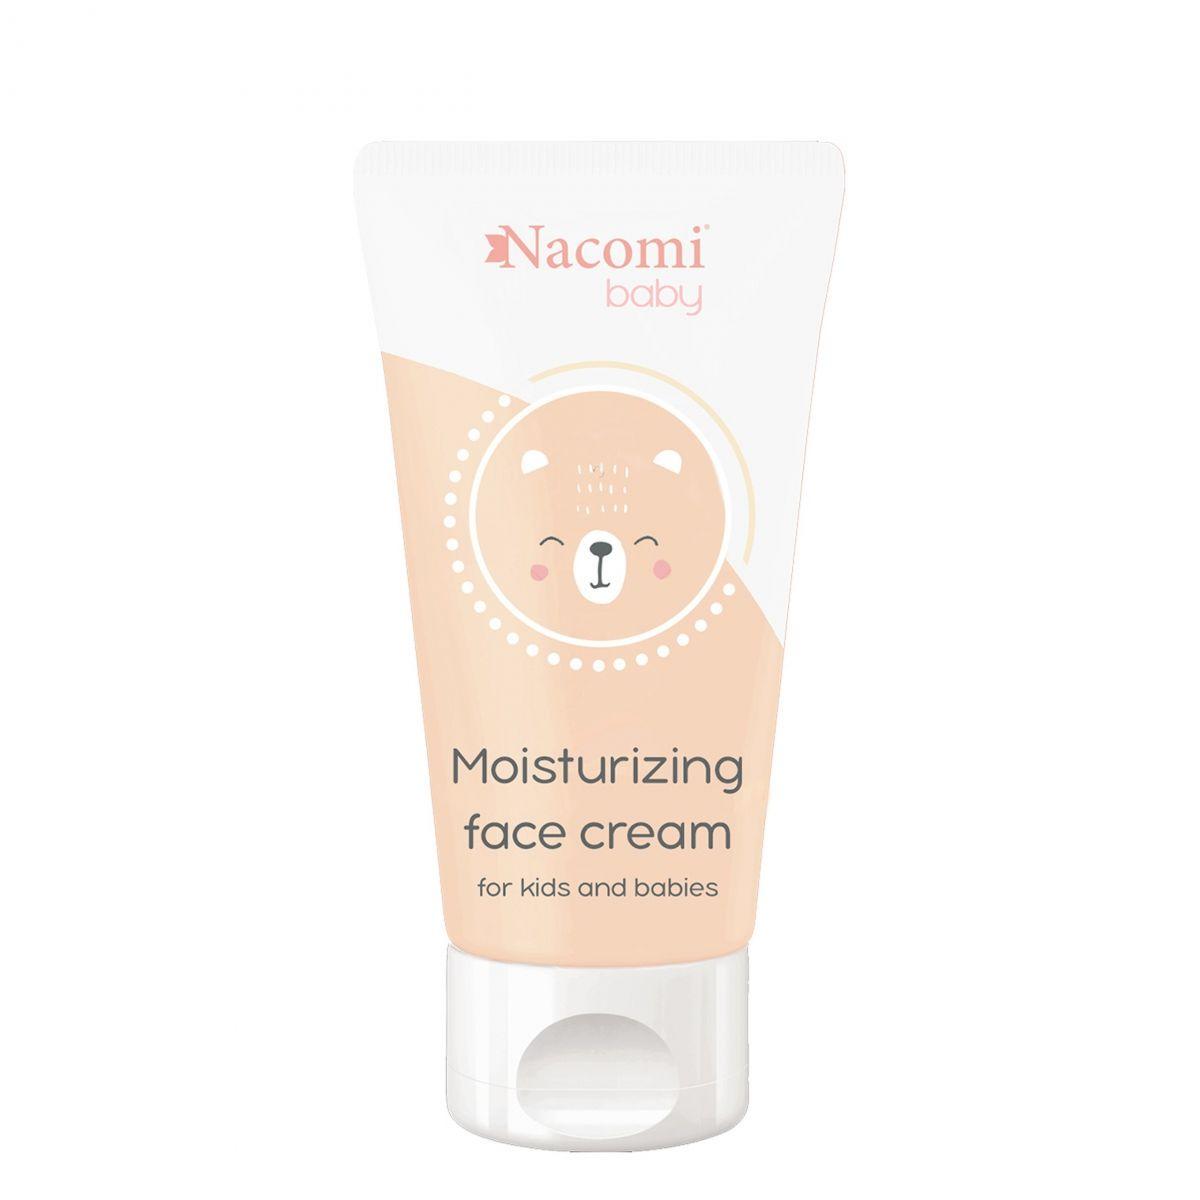 Nawilżający krem do twarzy dla dzieci - 50ml - Nacomi